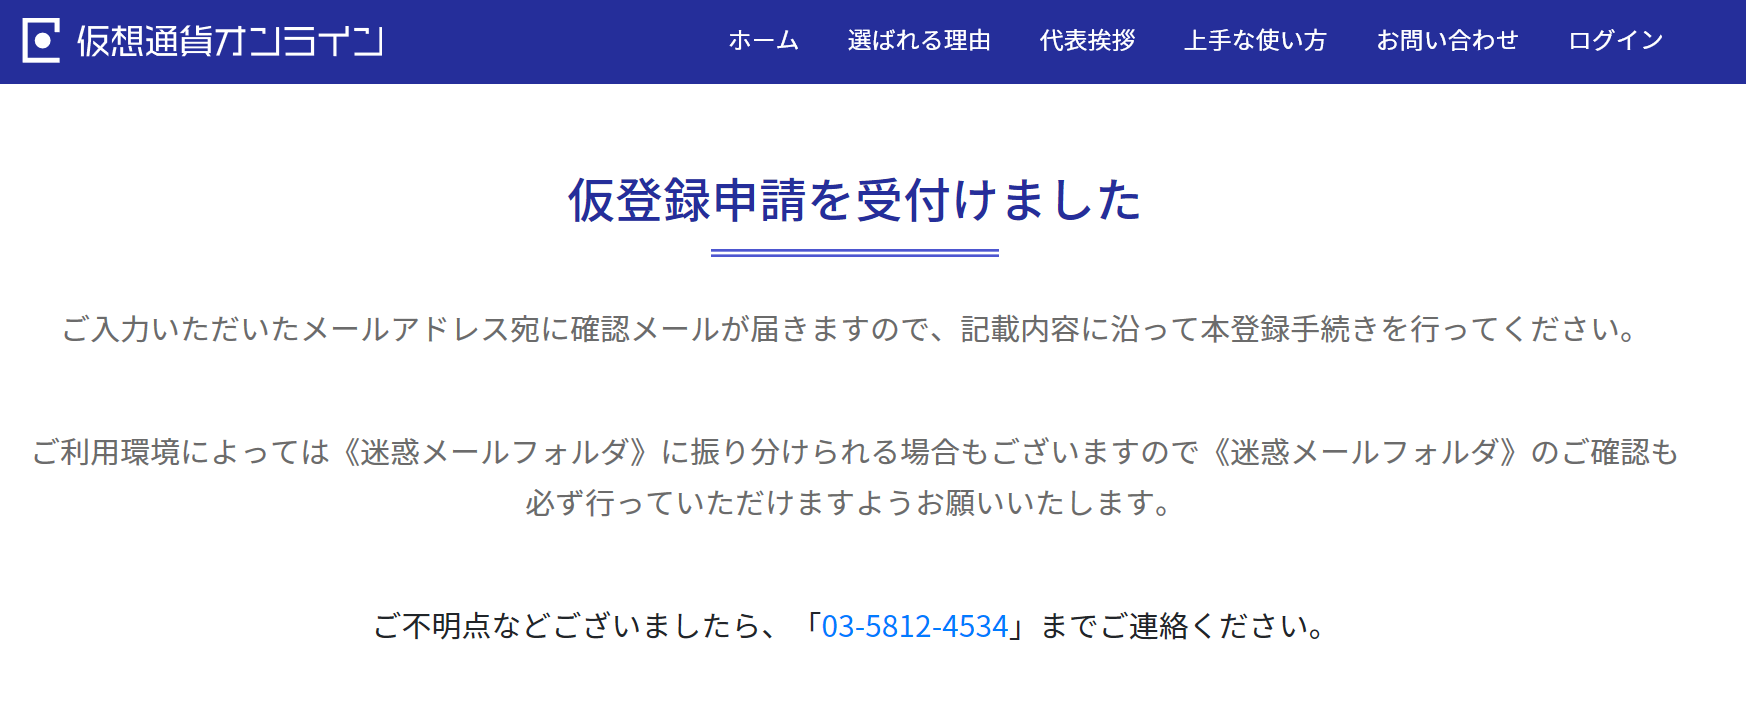 日本仮想通貨オンライン 仮登録申請受付画面